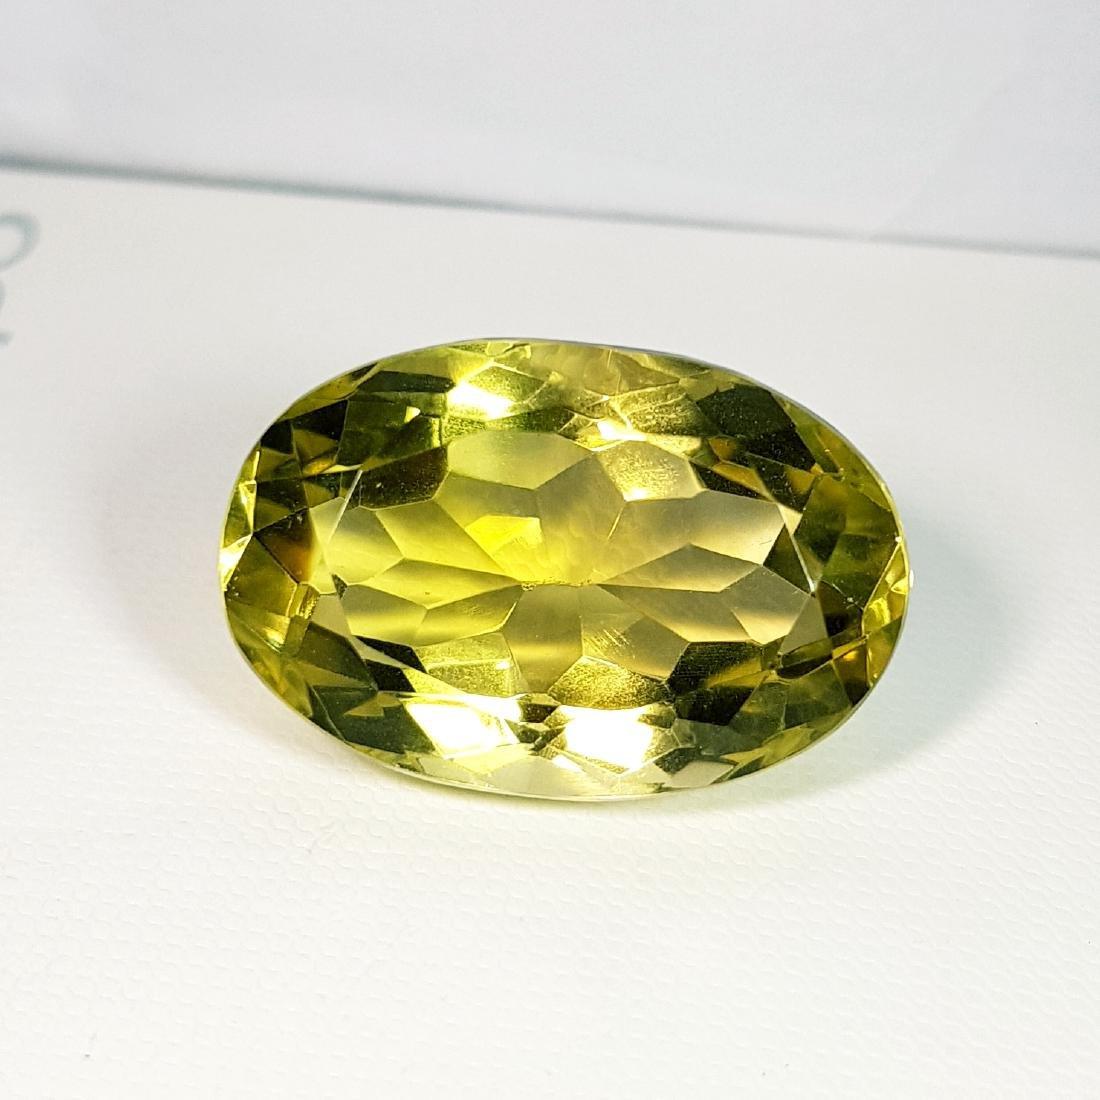 Green Gold Quartz - 70.84 ct